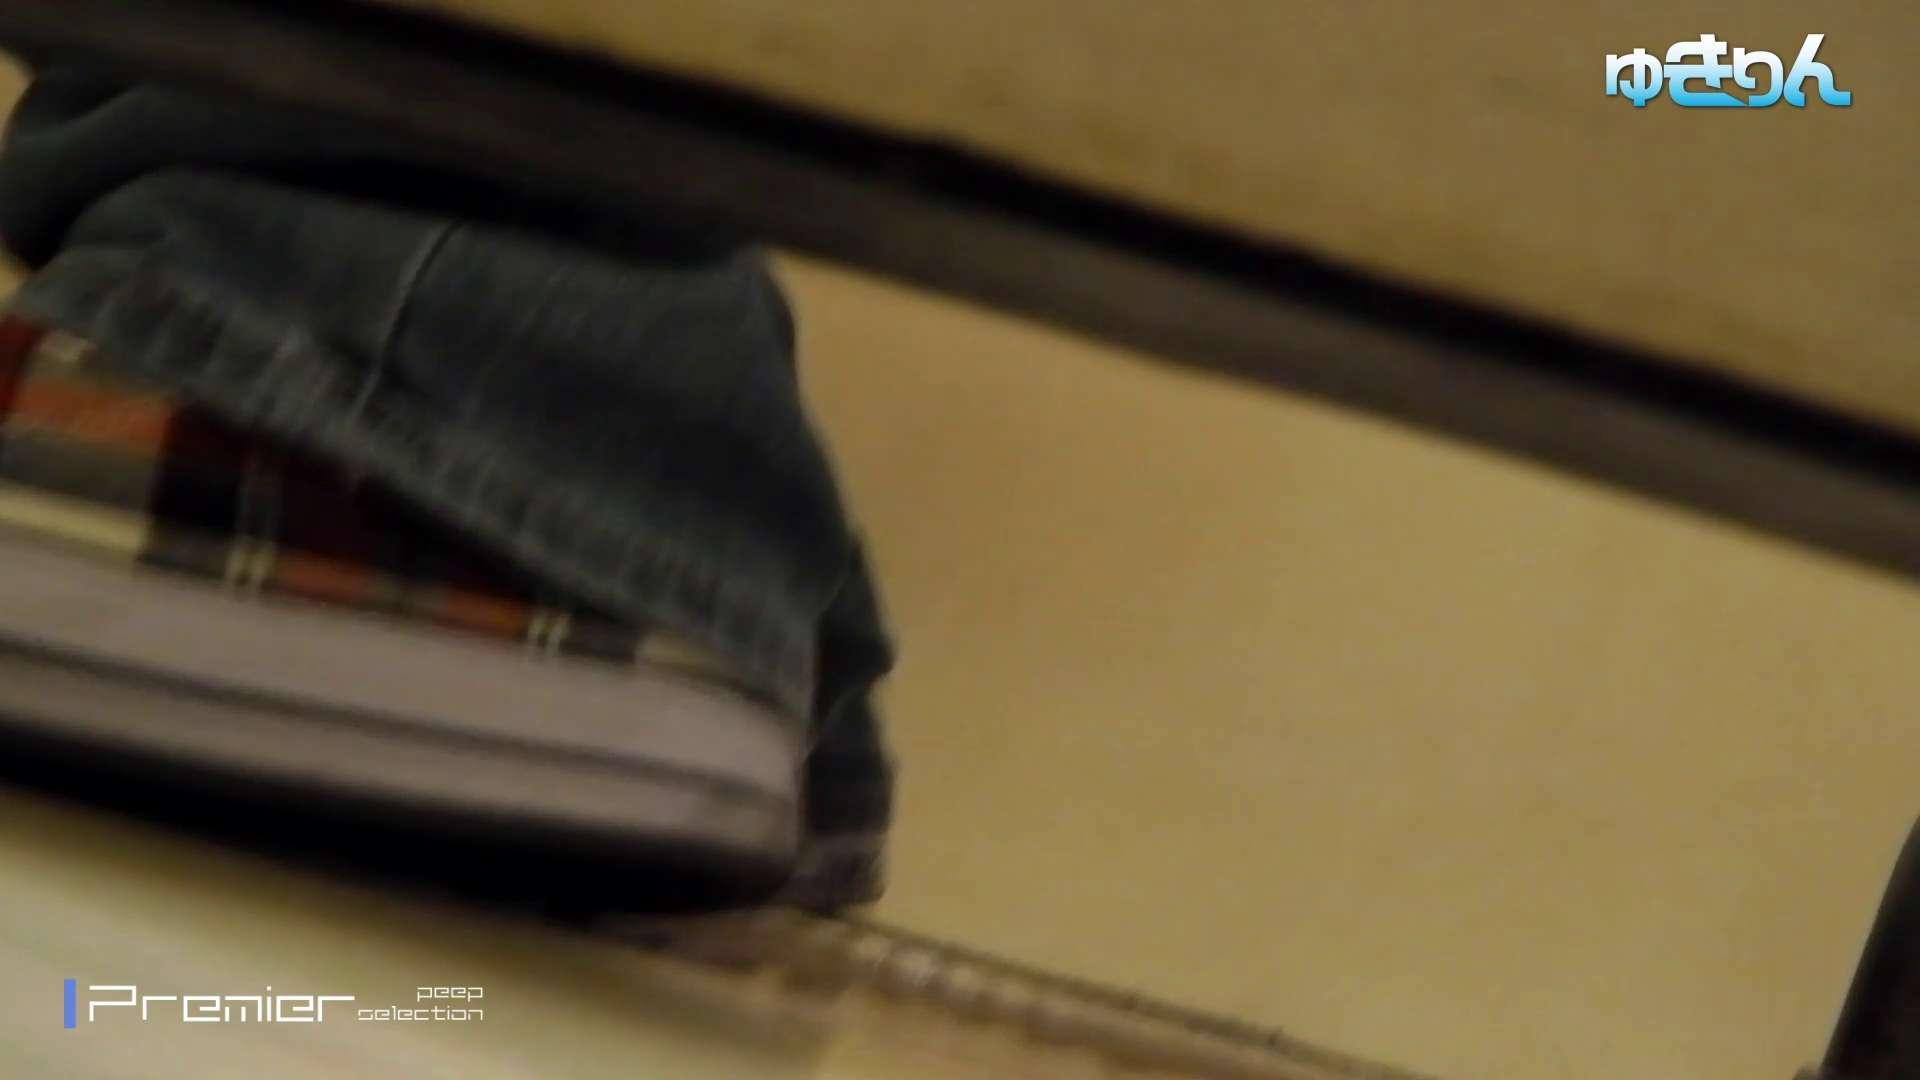 ヤリマンのオマンコ:新世界の射窓 No93:怪盗ジョーカー